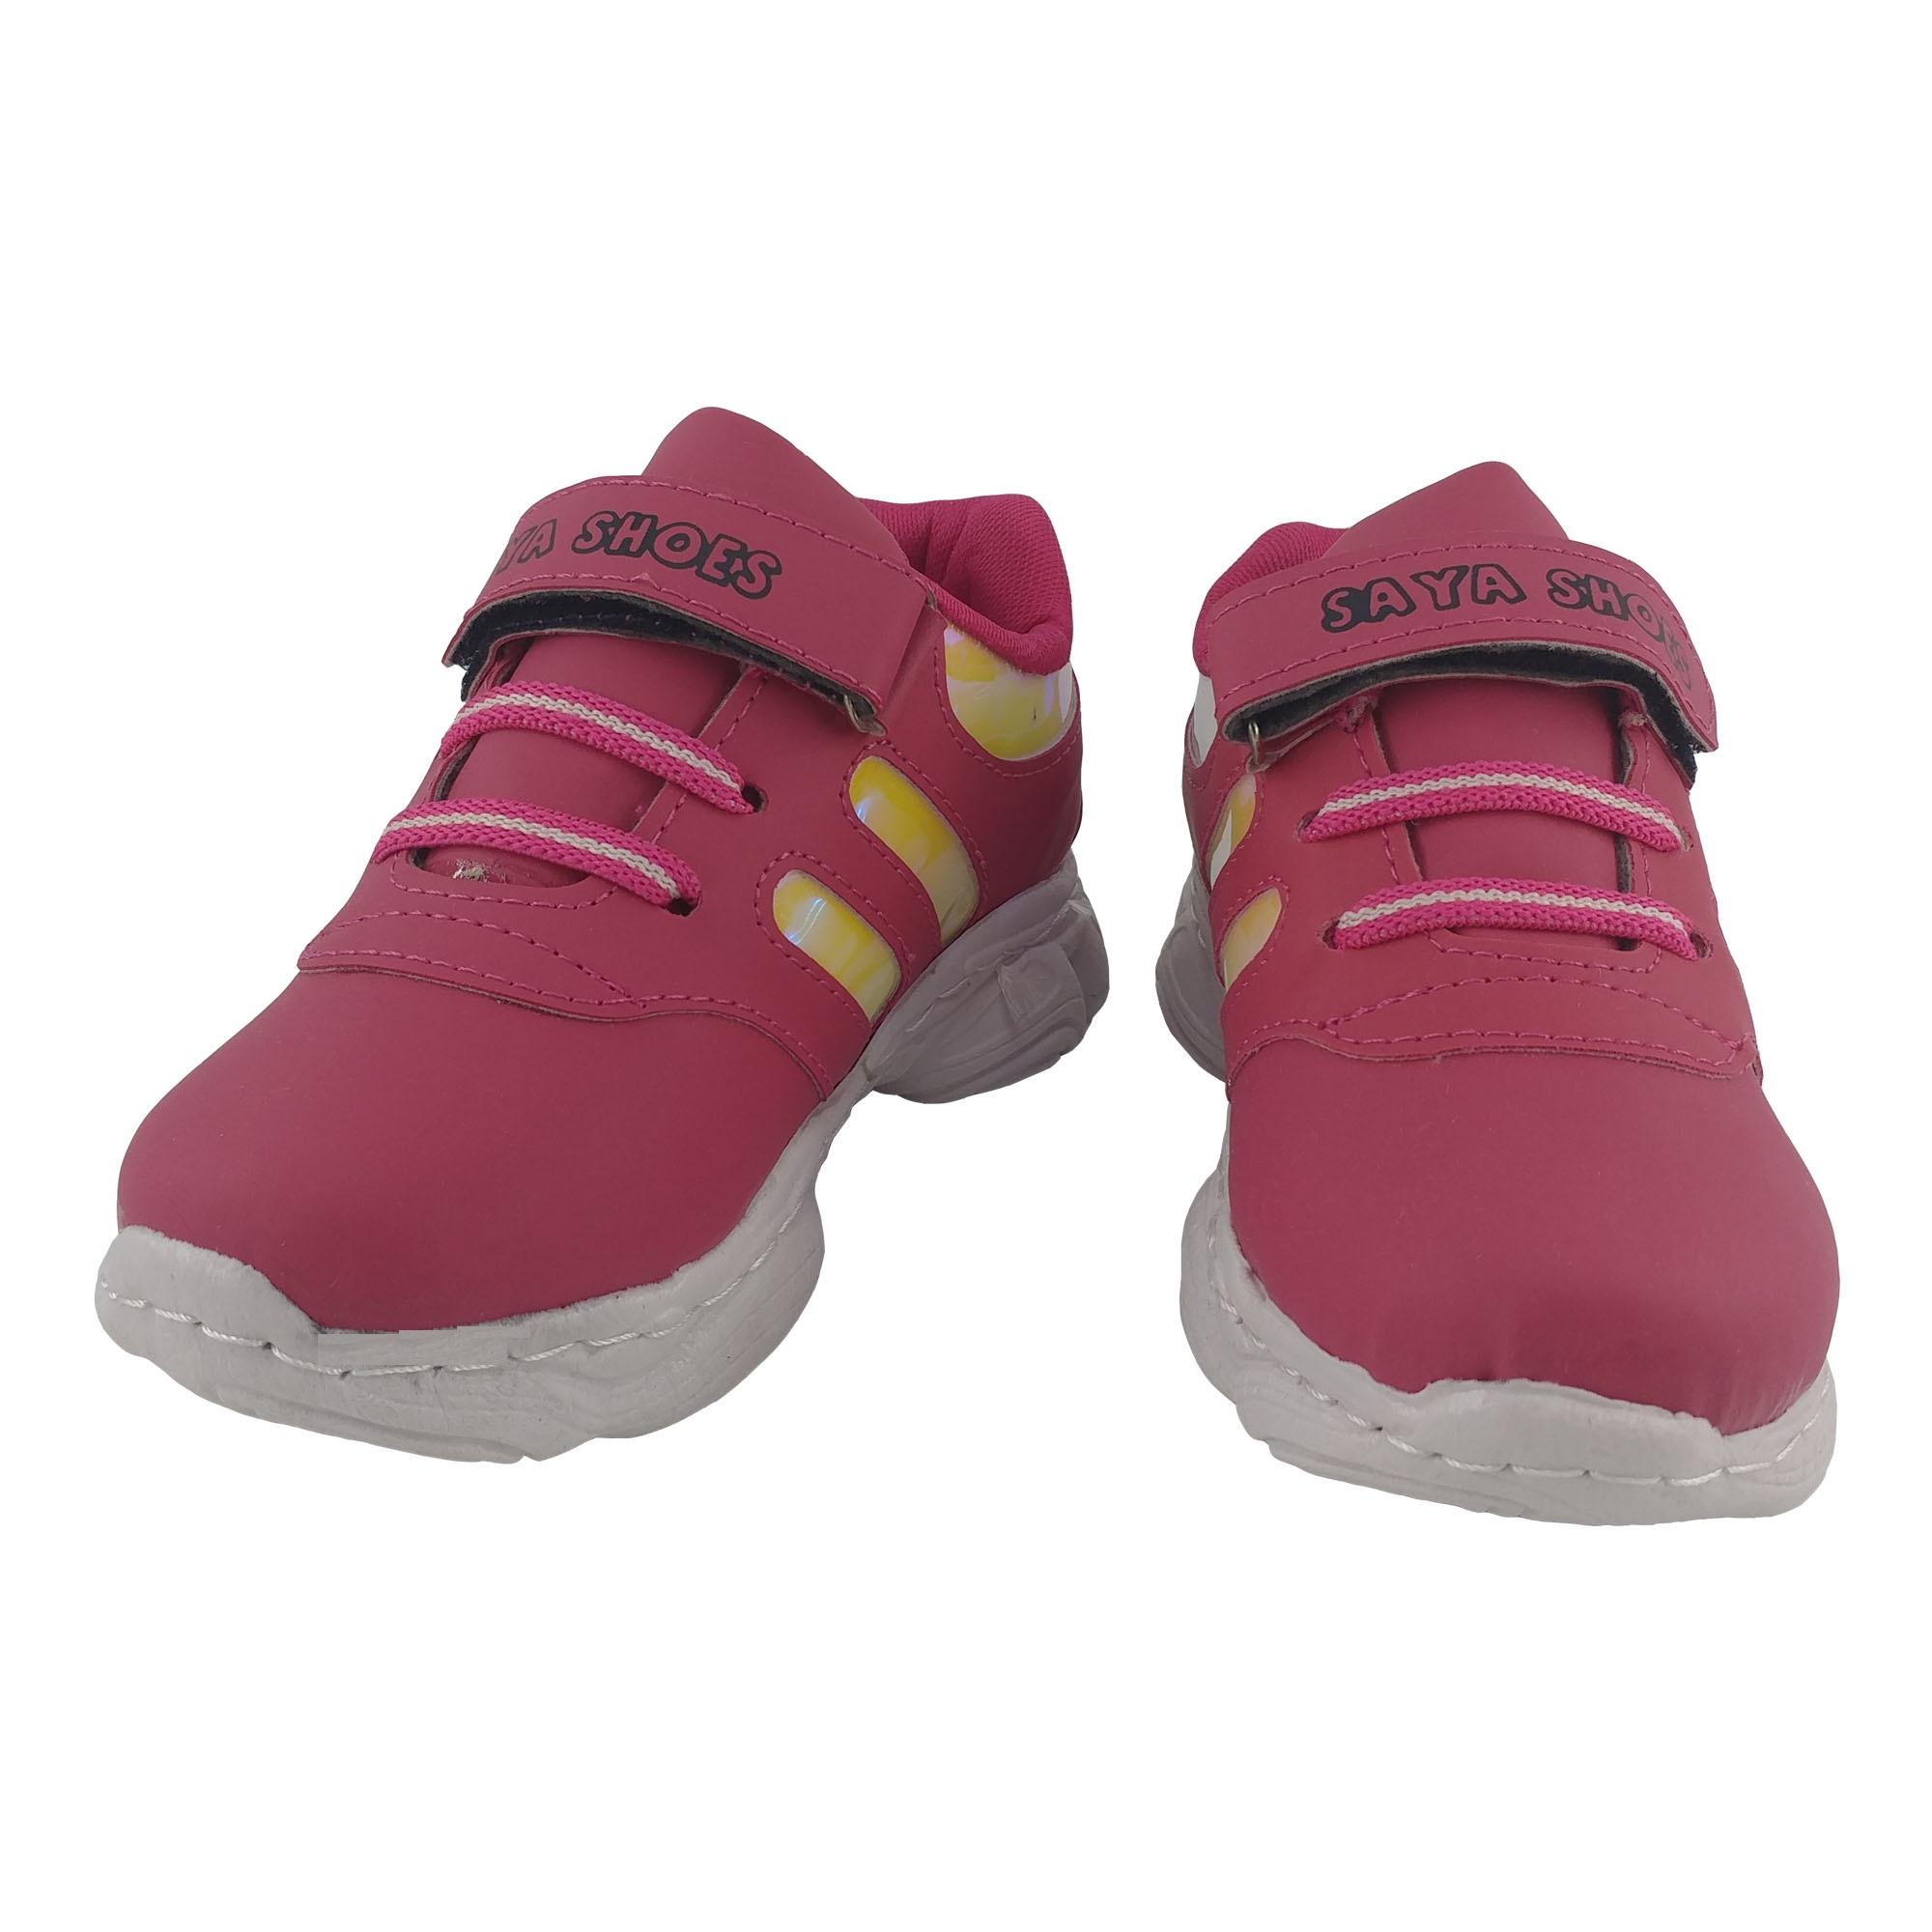 کفش راحتی بچگانه مدل bsh123 -  - 5